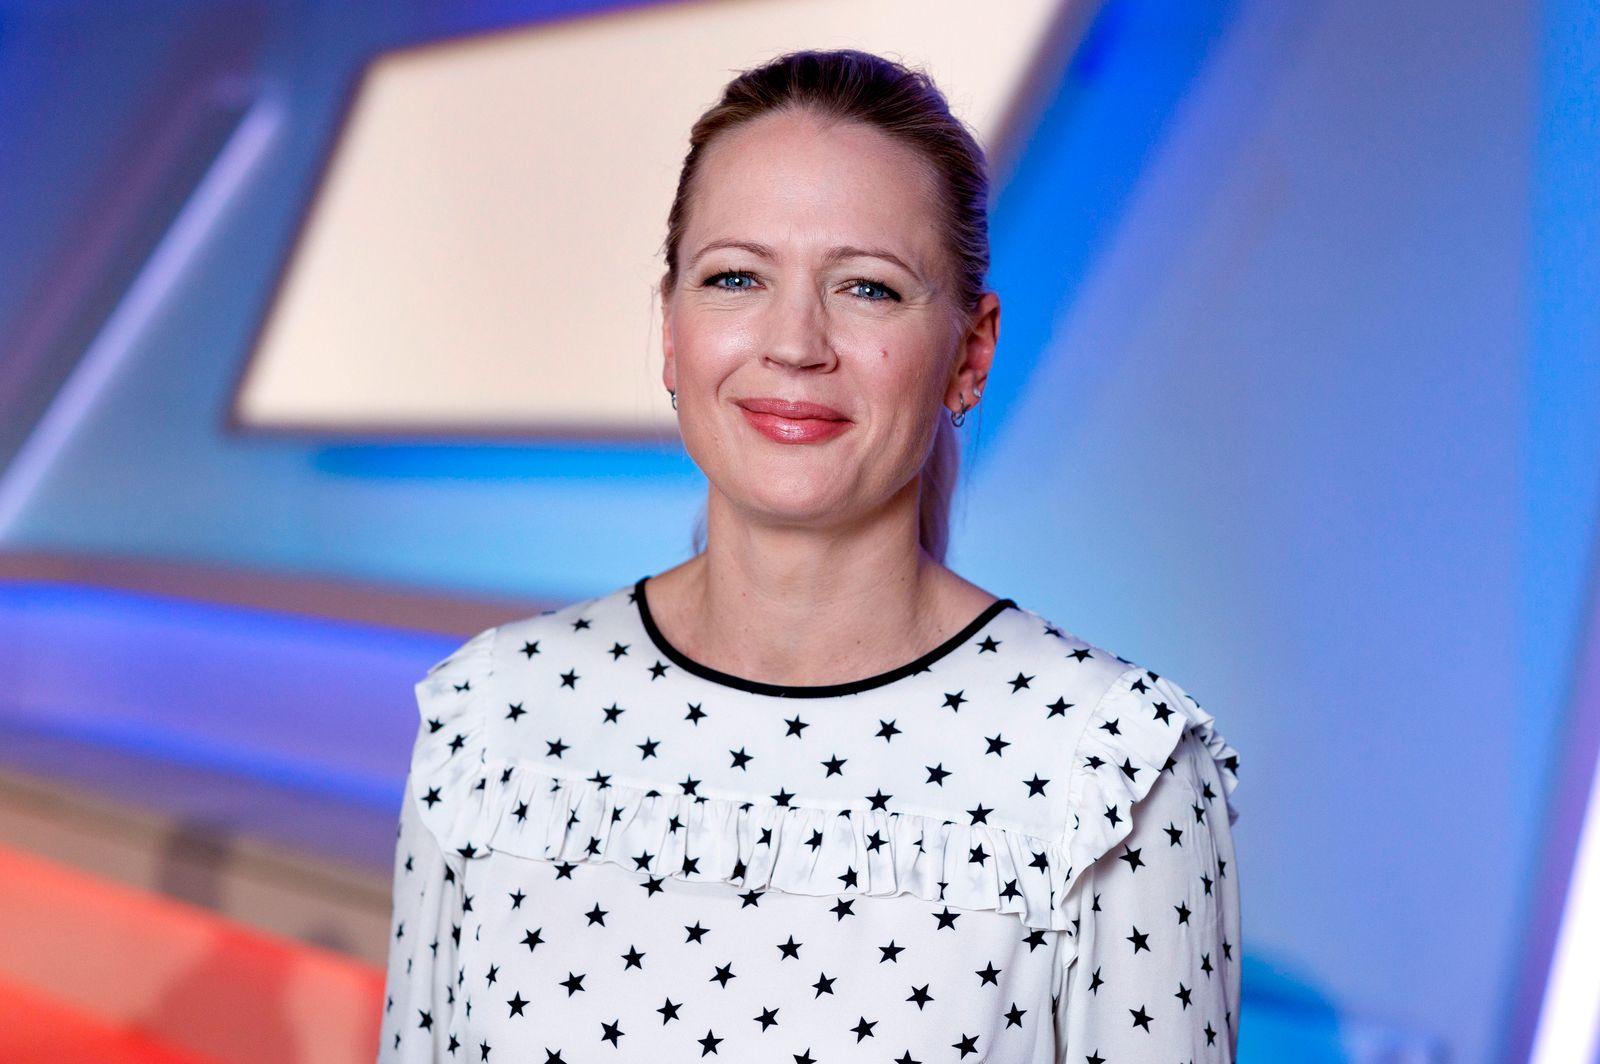 Anna von Bayern in der ARD-Talkshow maischberger. die woche im WDR Studio BS 3. Köln, 20.11.2019 *** Anna von Bayern on